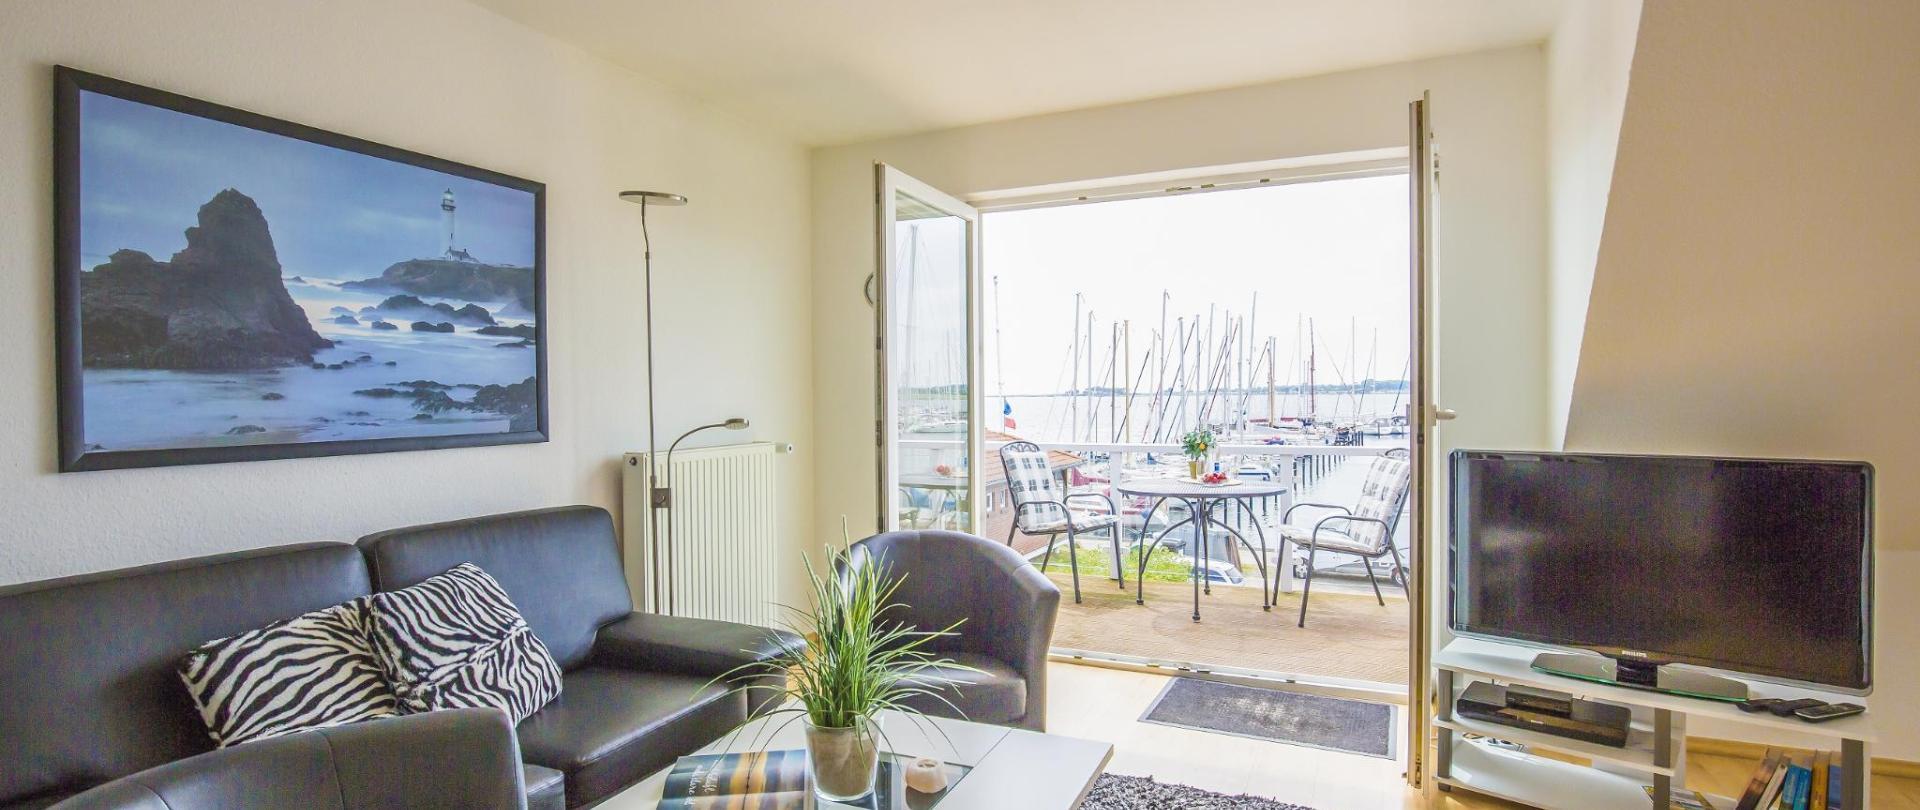 OG Wohnzimmer Balkon1.jpg